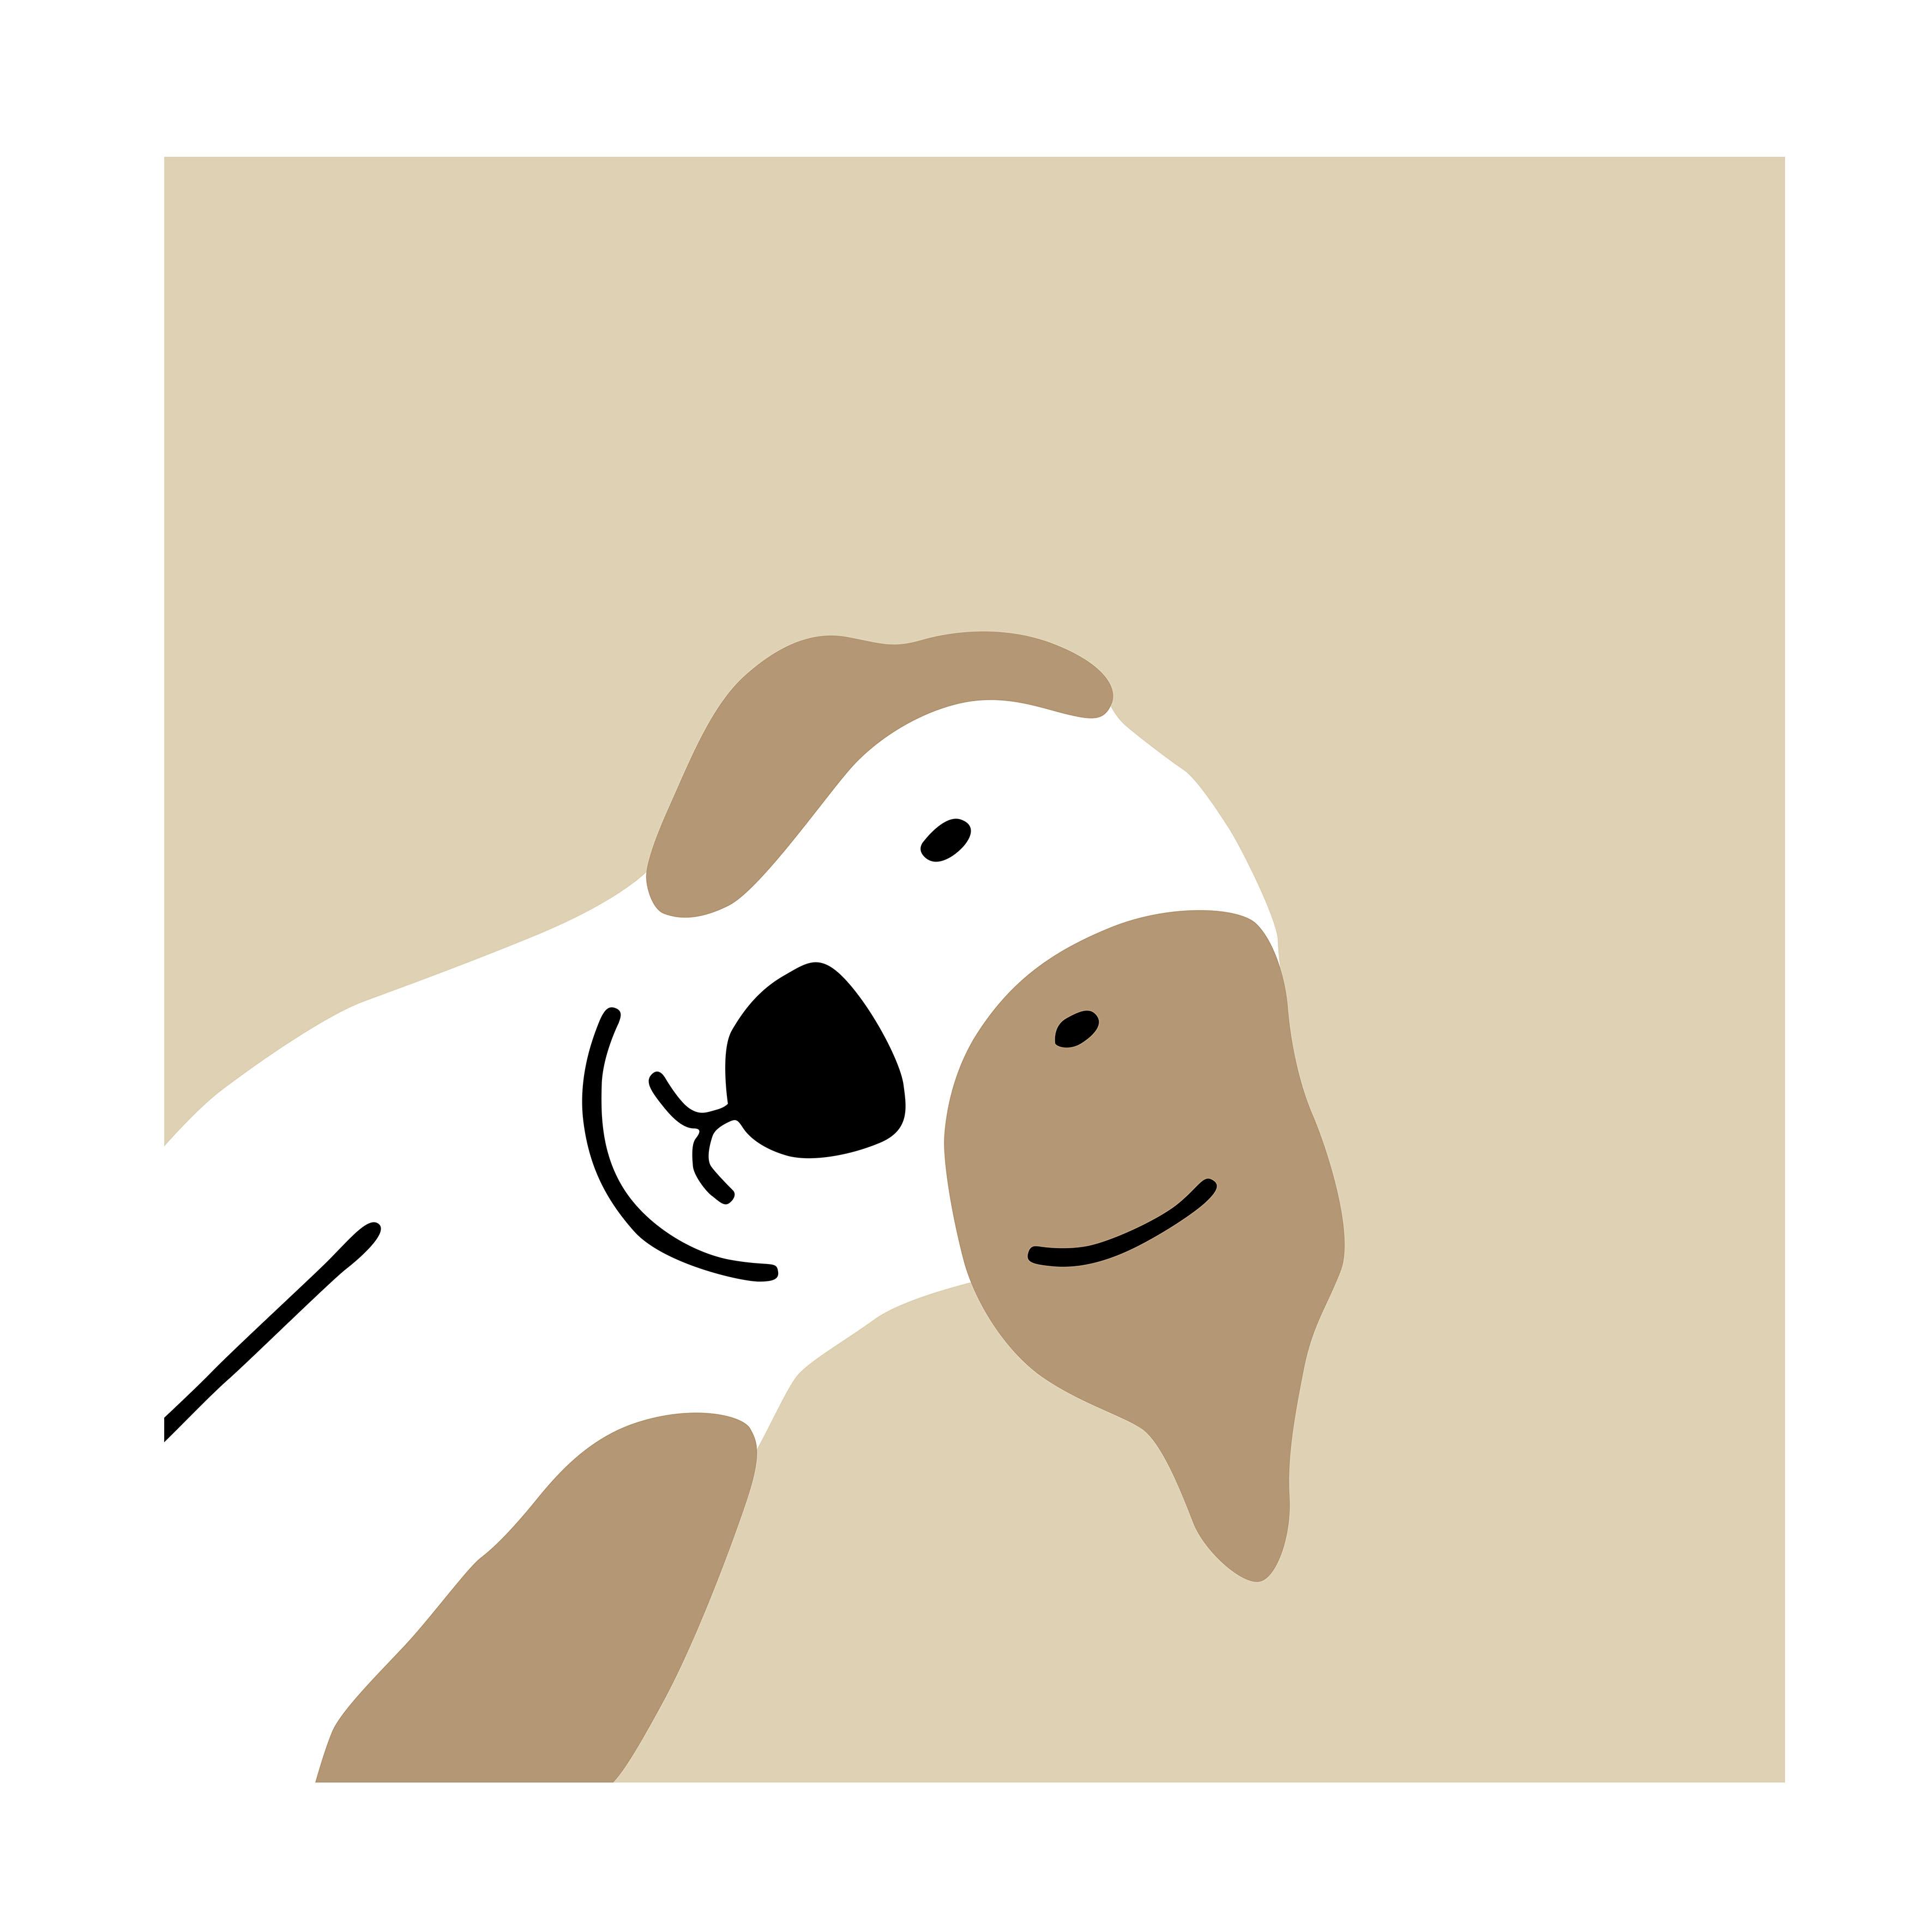 dog戴圣诞可爱小狗喜欢的生活帽子